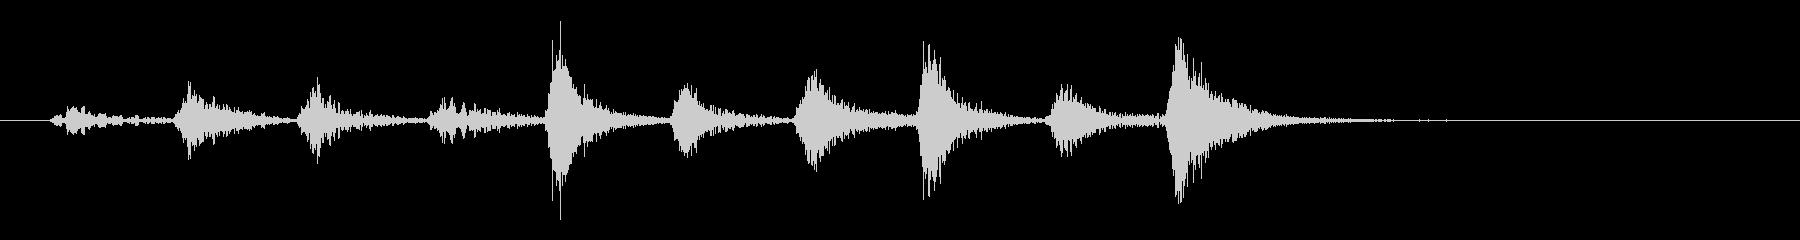 タタタタタタターン(小クリア音)の未再生の波形